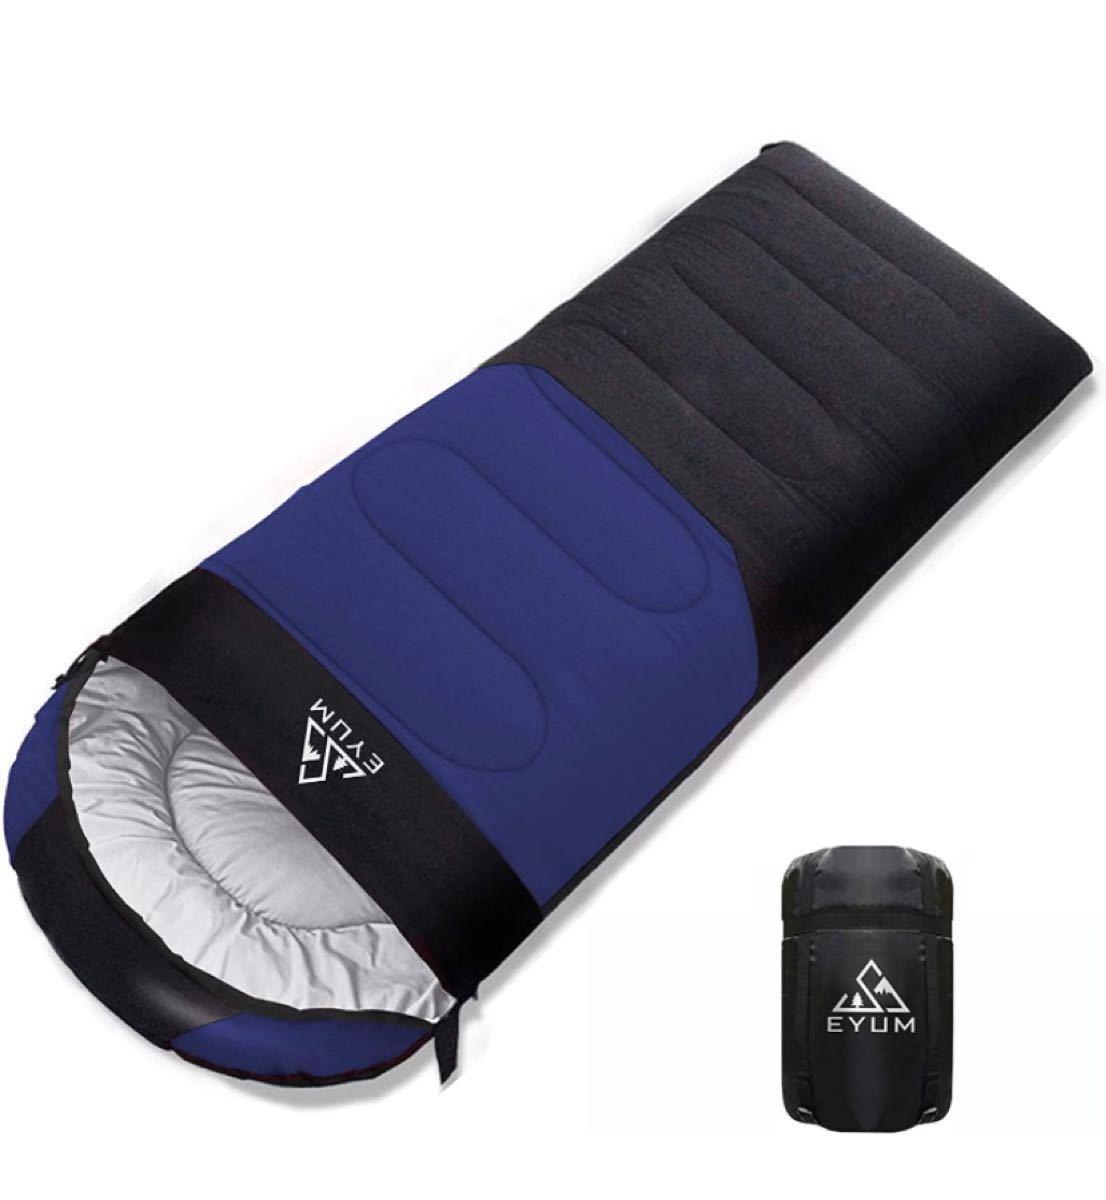 寝袋 シュラフ 封筒型 軽量 超暖かい 210T防水 コンパクト 簡単収納 車中泊 防災用 アウトドア キャンプ 丸洗い収納袋付き